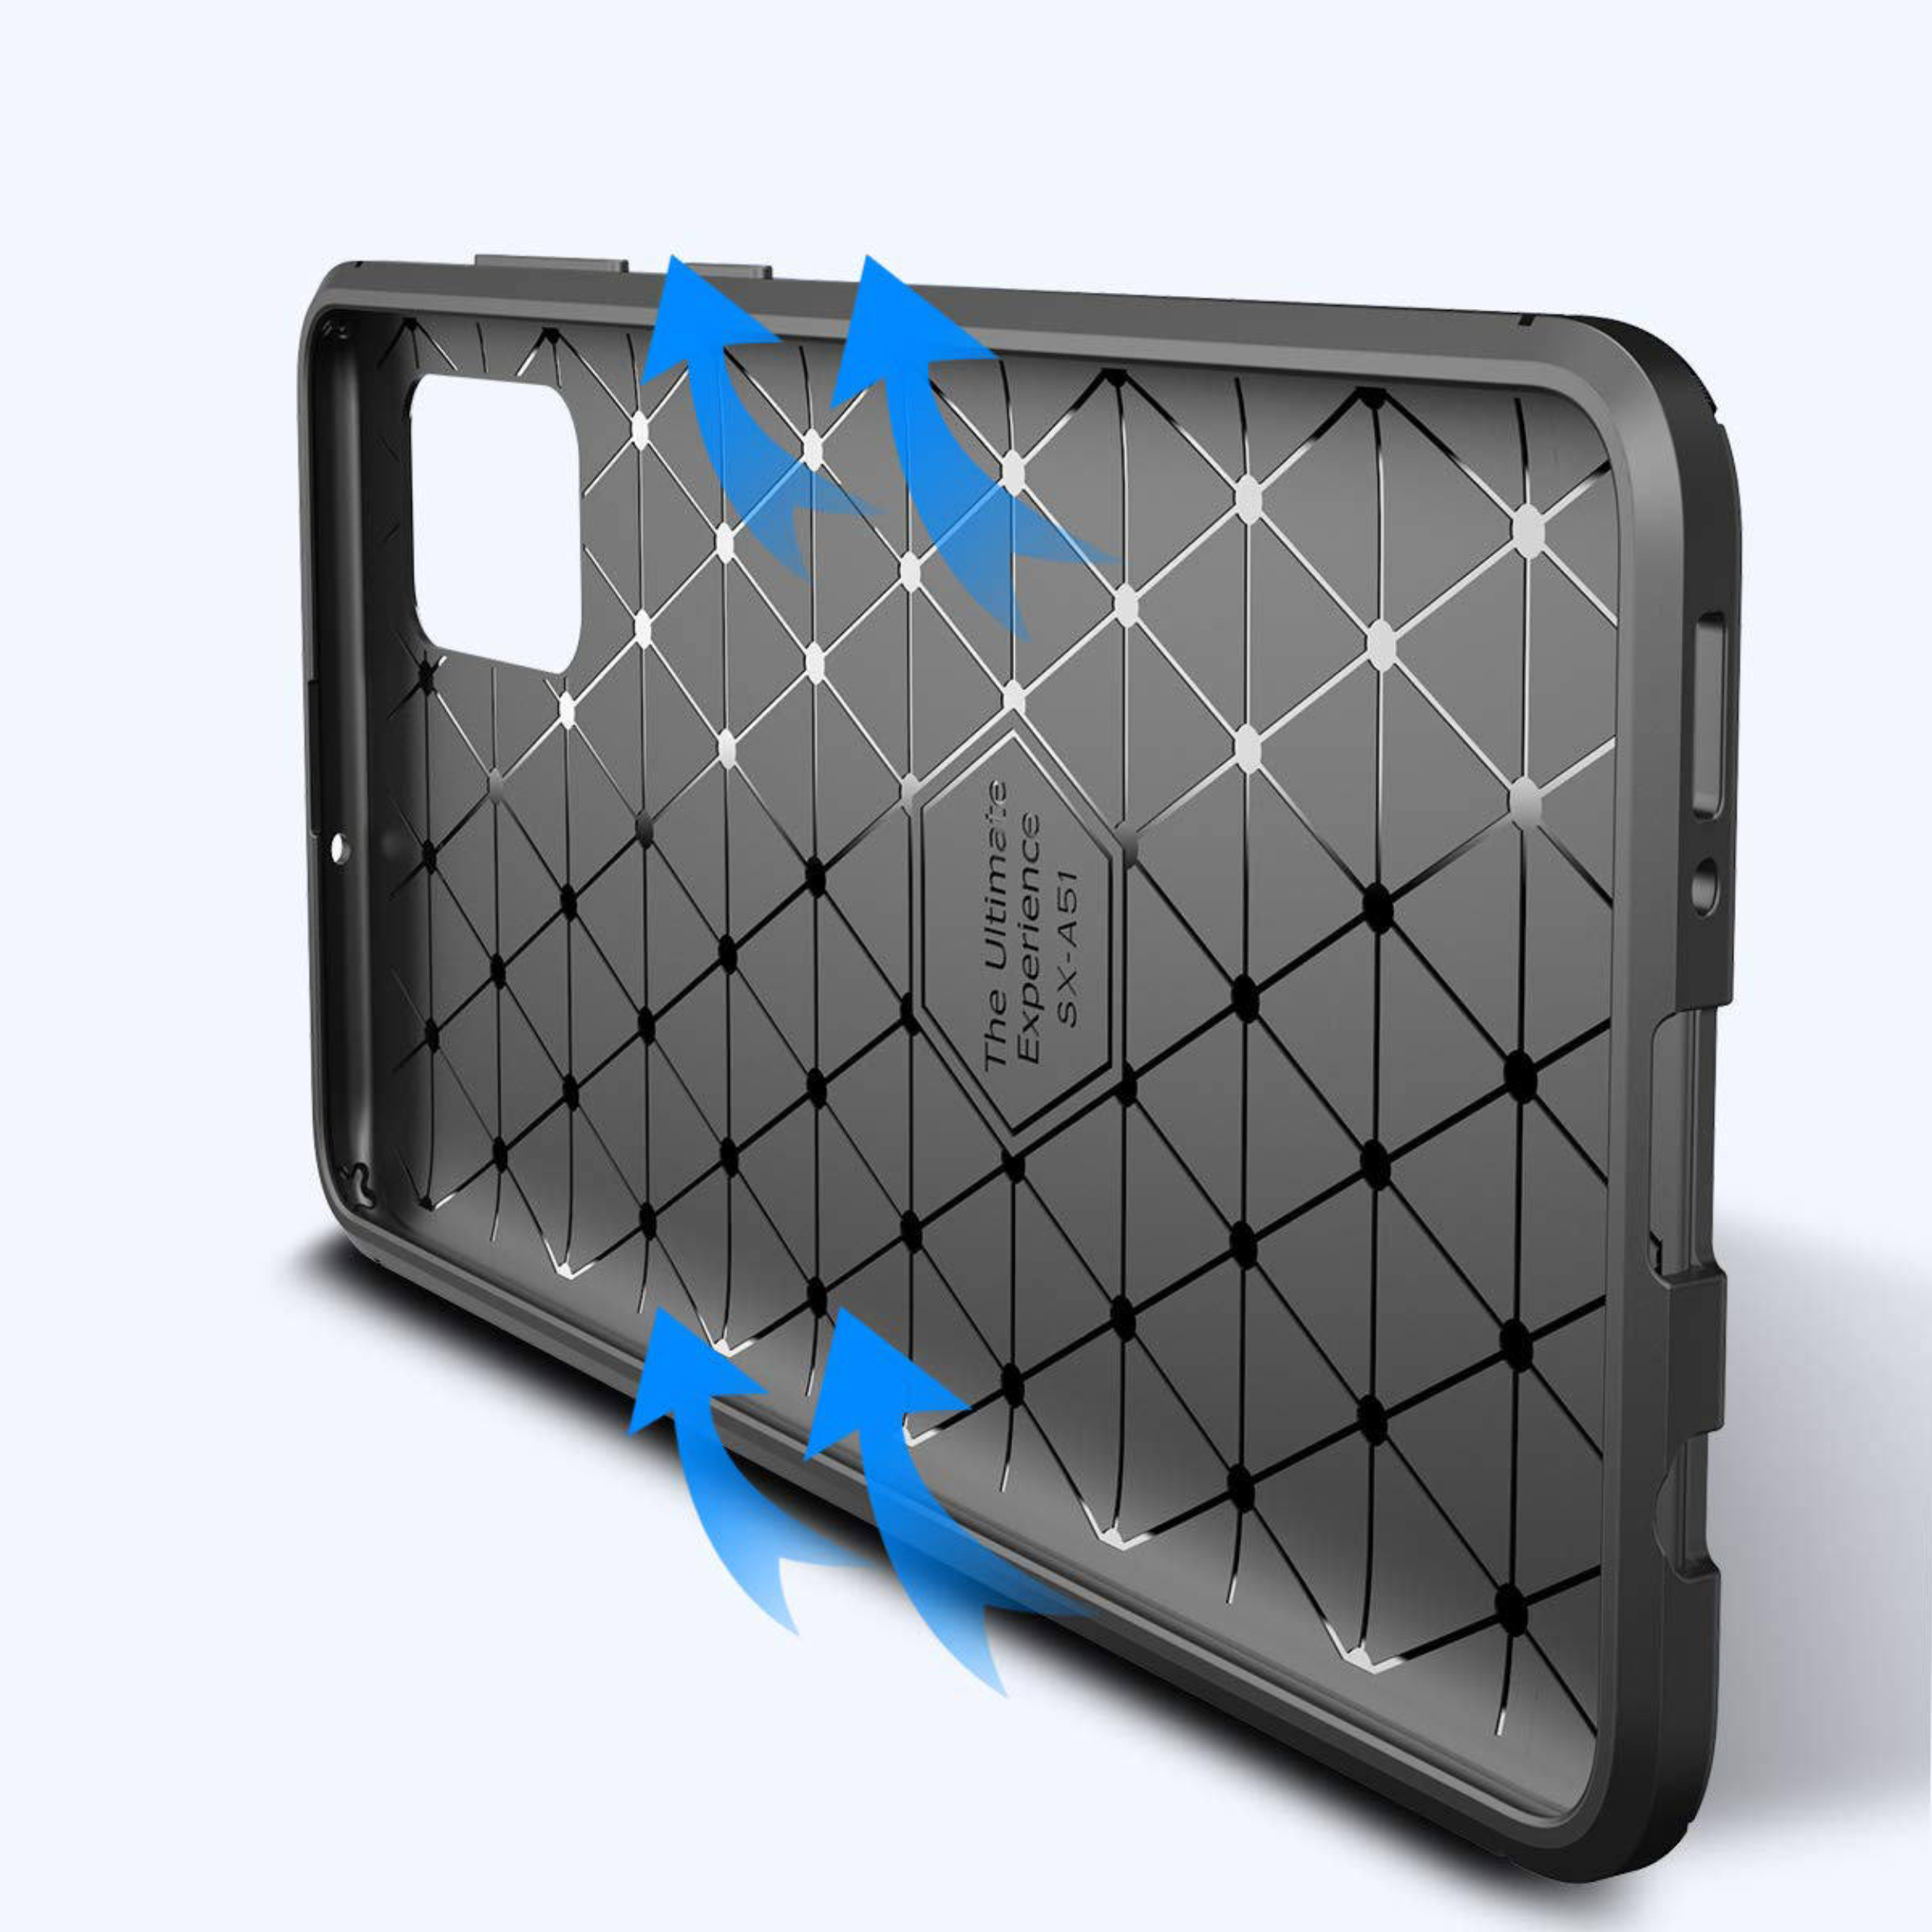 کاور لاین کینگ مدل A21 مناسب برای گوشی موبایل سامسونگ Galaxy A51 thumb 2 11